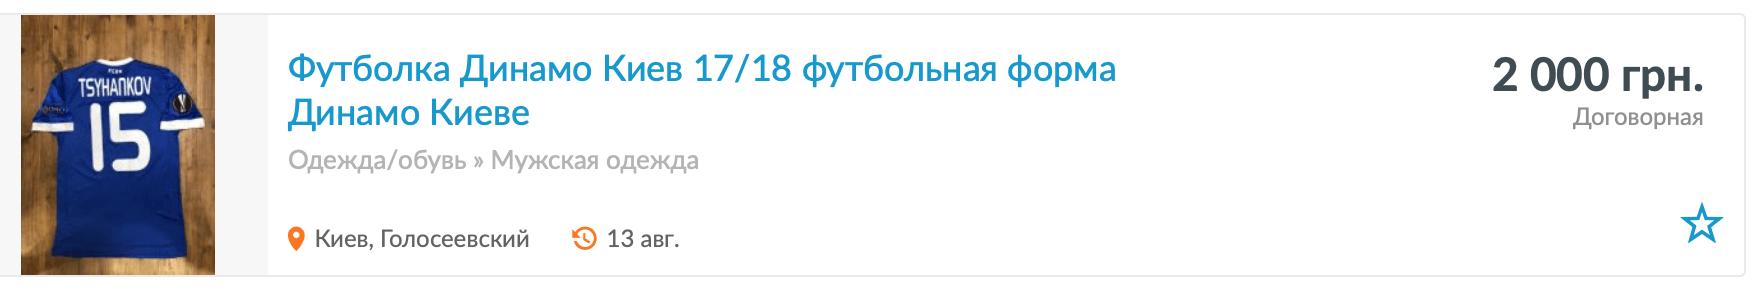 Вот это болельщики: онлайн можно купить футболки Шевченко, Ярмоленко и многих других (Фото) - изображение 2